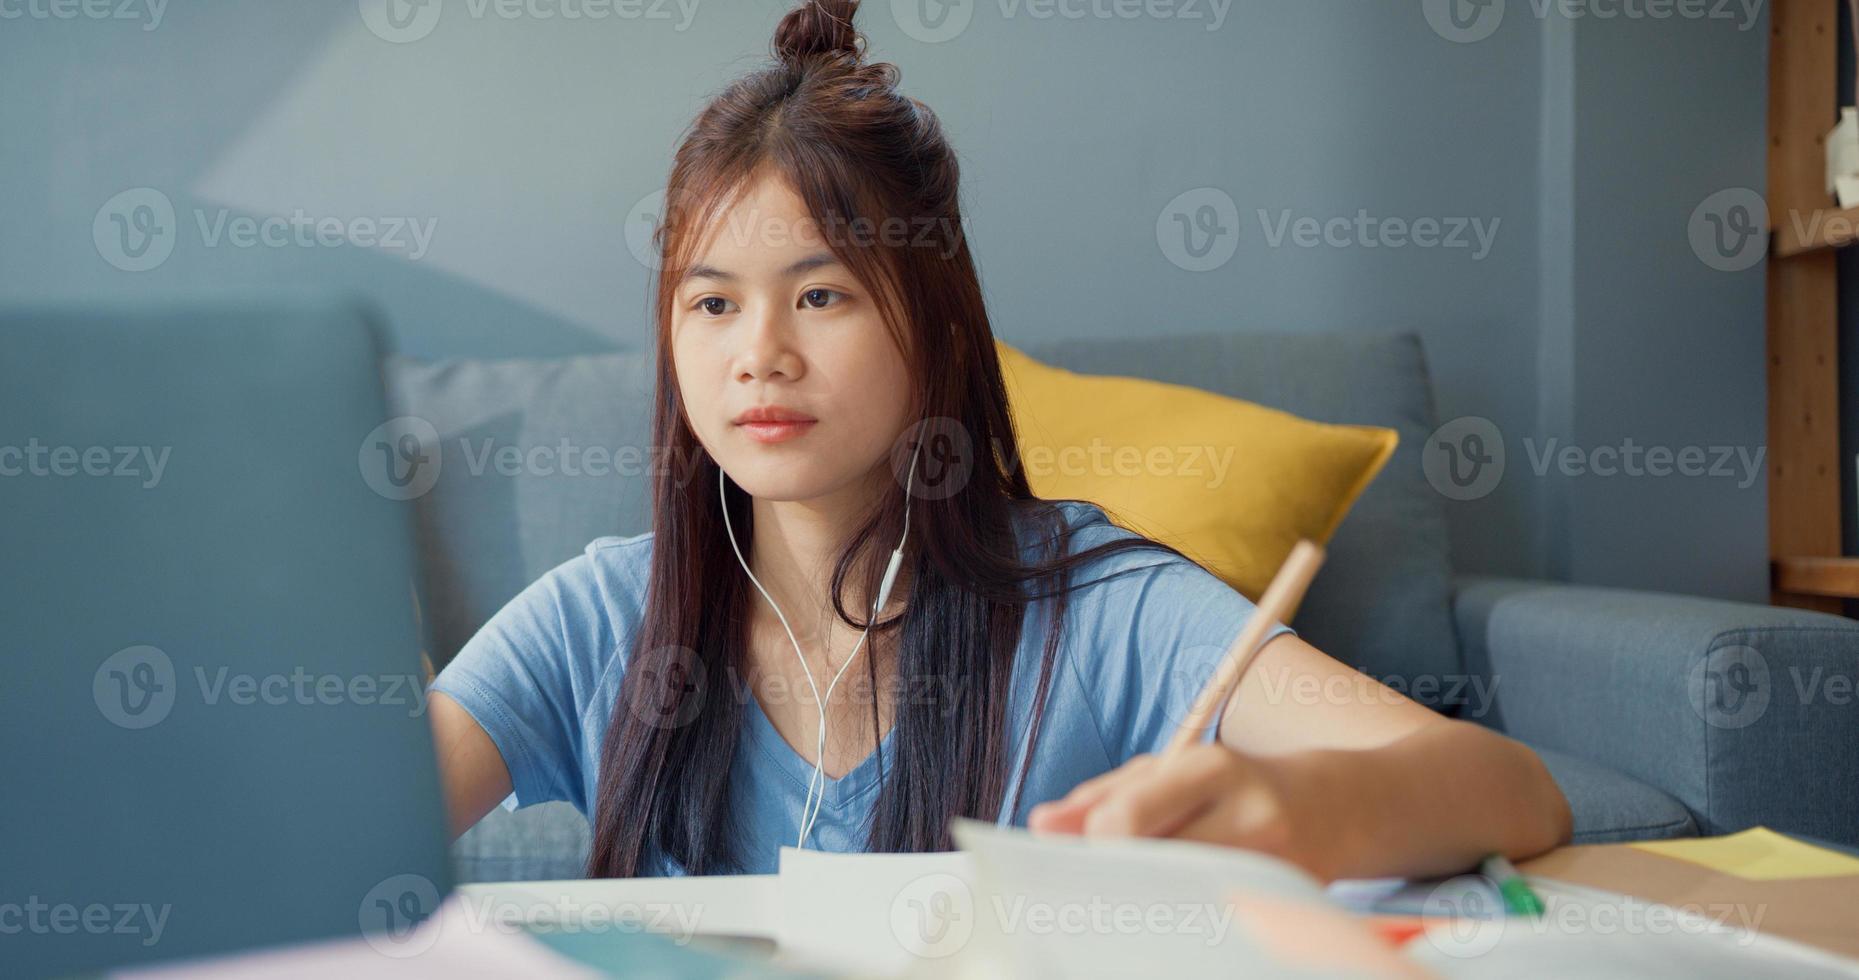 jeune fille asiatique adolescente avec des écouteurs décontractés utiliser un ordinateur portable apprendre en ligne écrire un cahier de lecture dans le salon de la maison. isoler le concept de pandémie de coronavirus d'apprentissage en ligne de l'éducation en ligne. photo